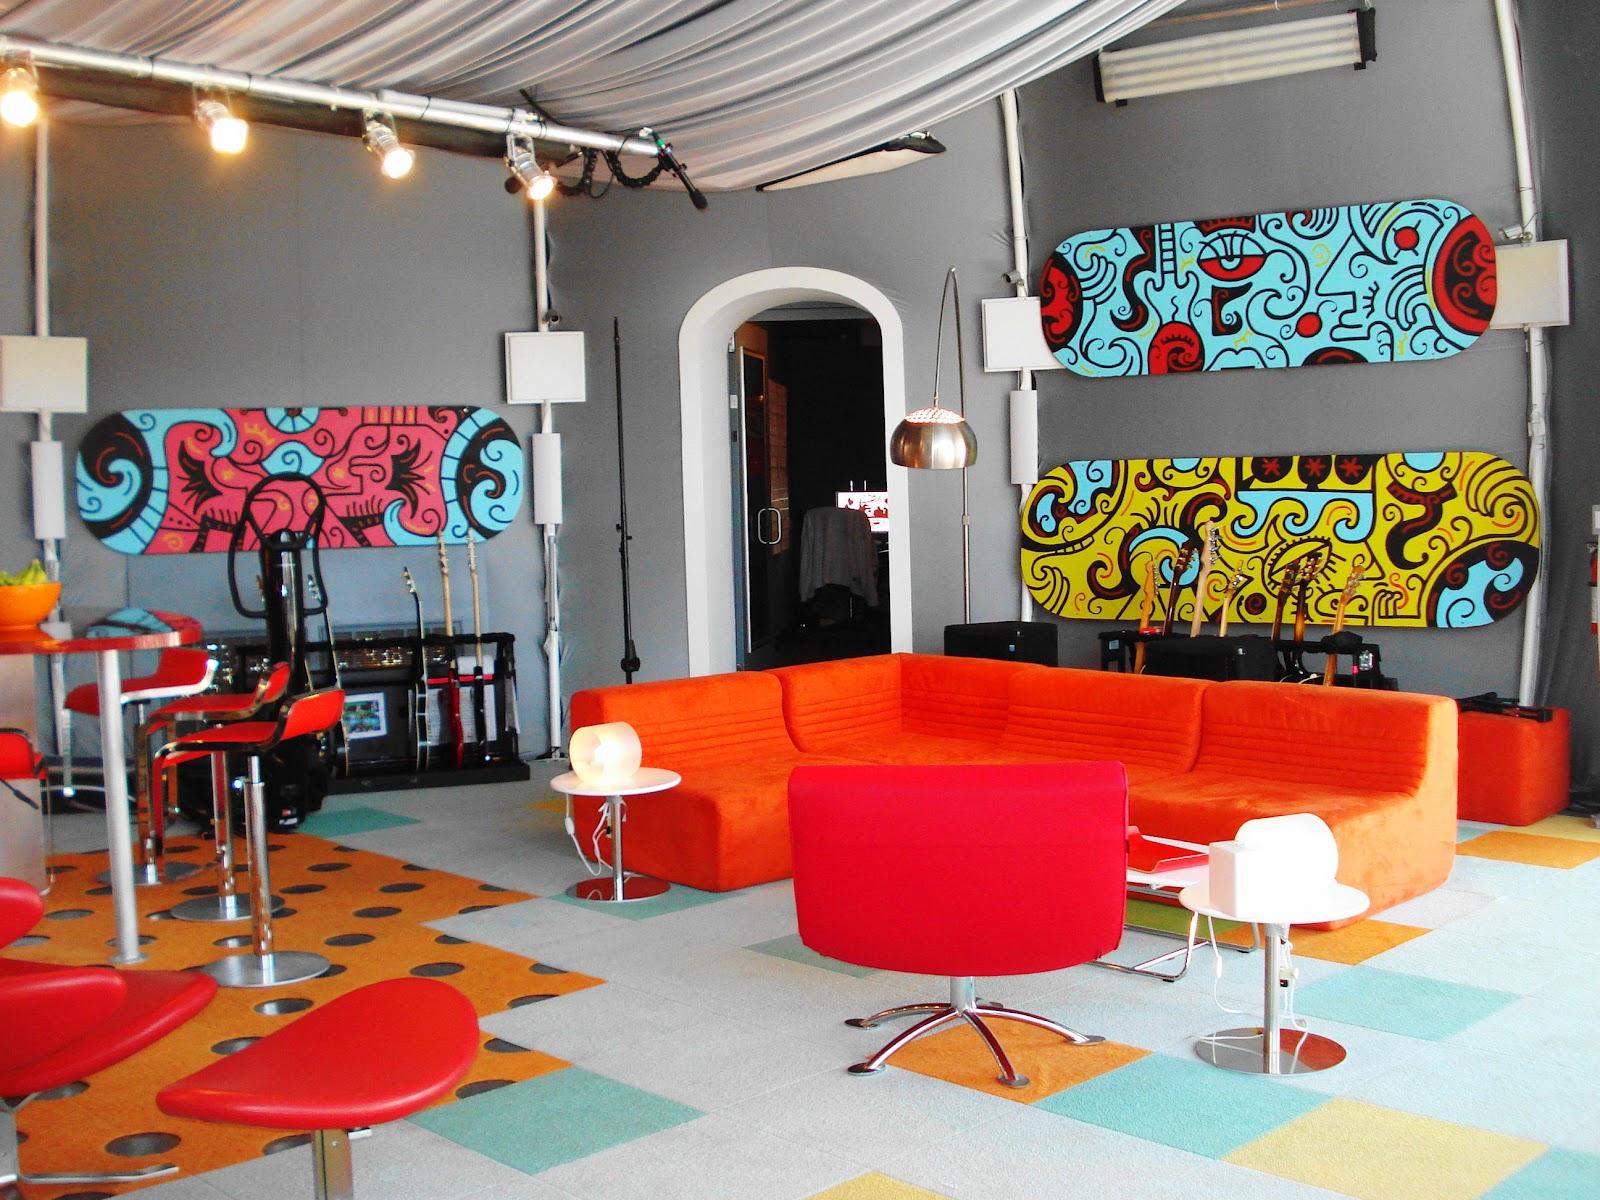 Vibrant Family Room Interior Design Idea | Vintage Romantic Home